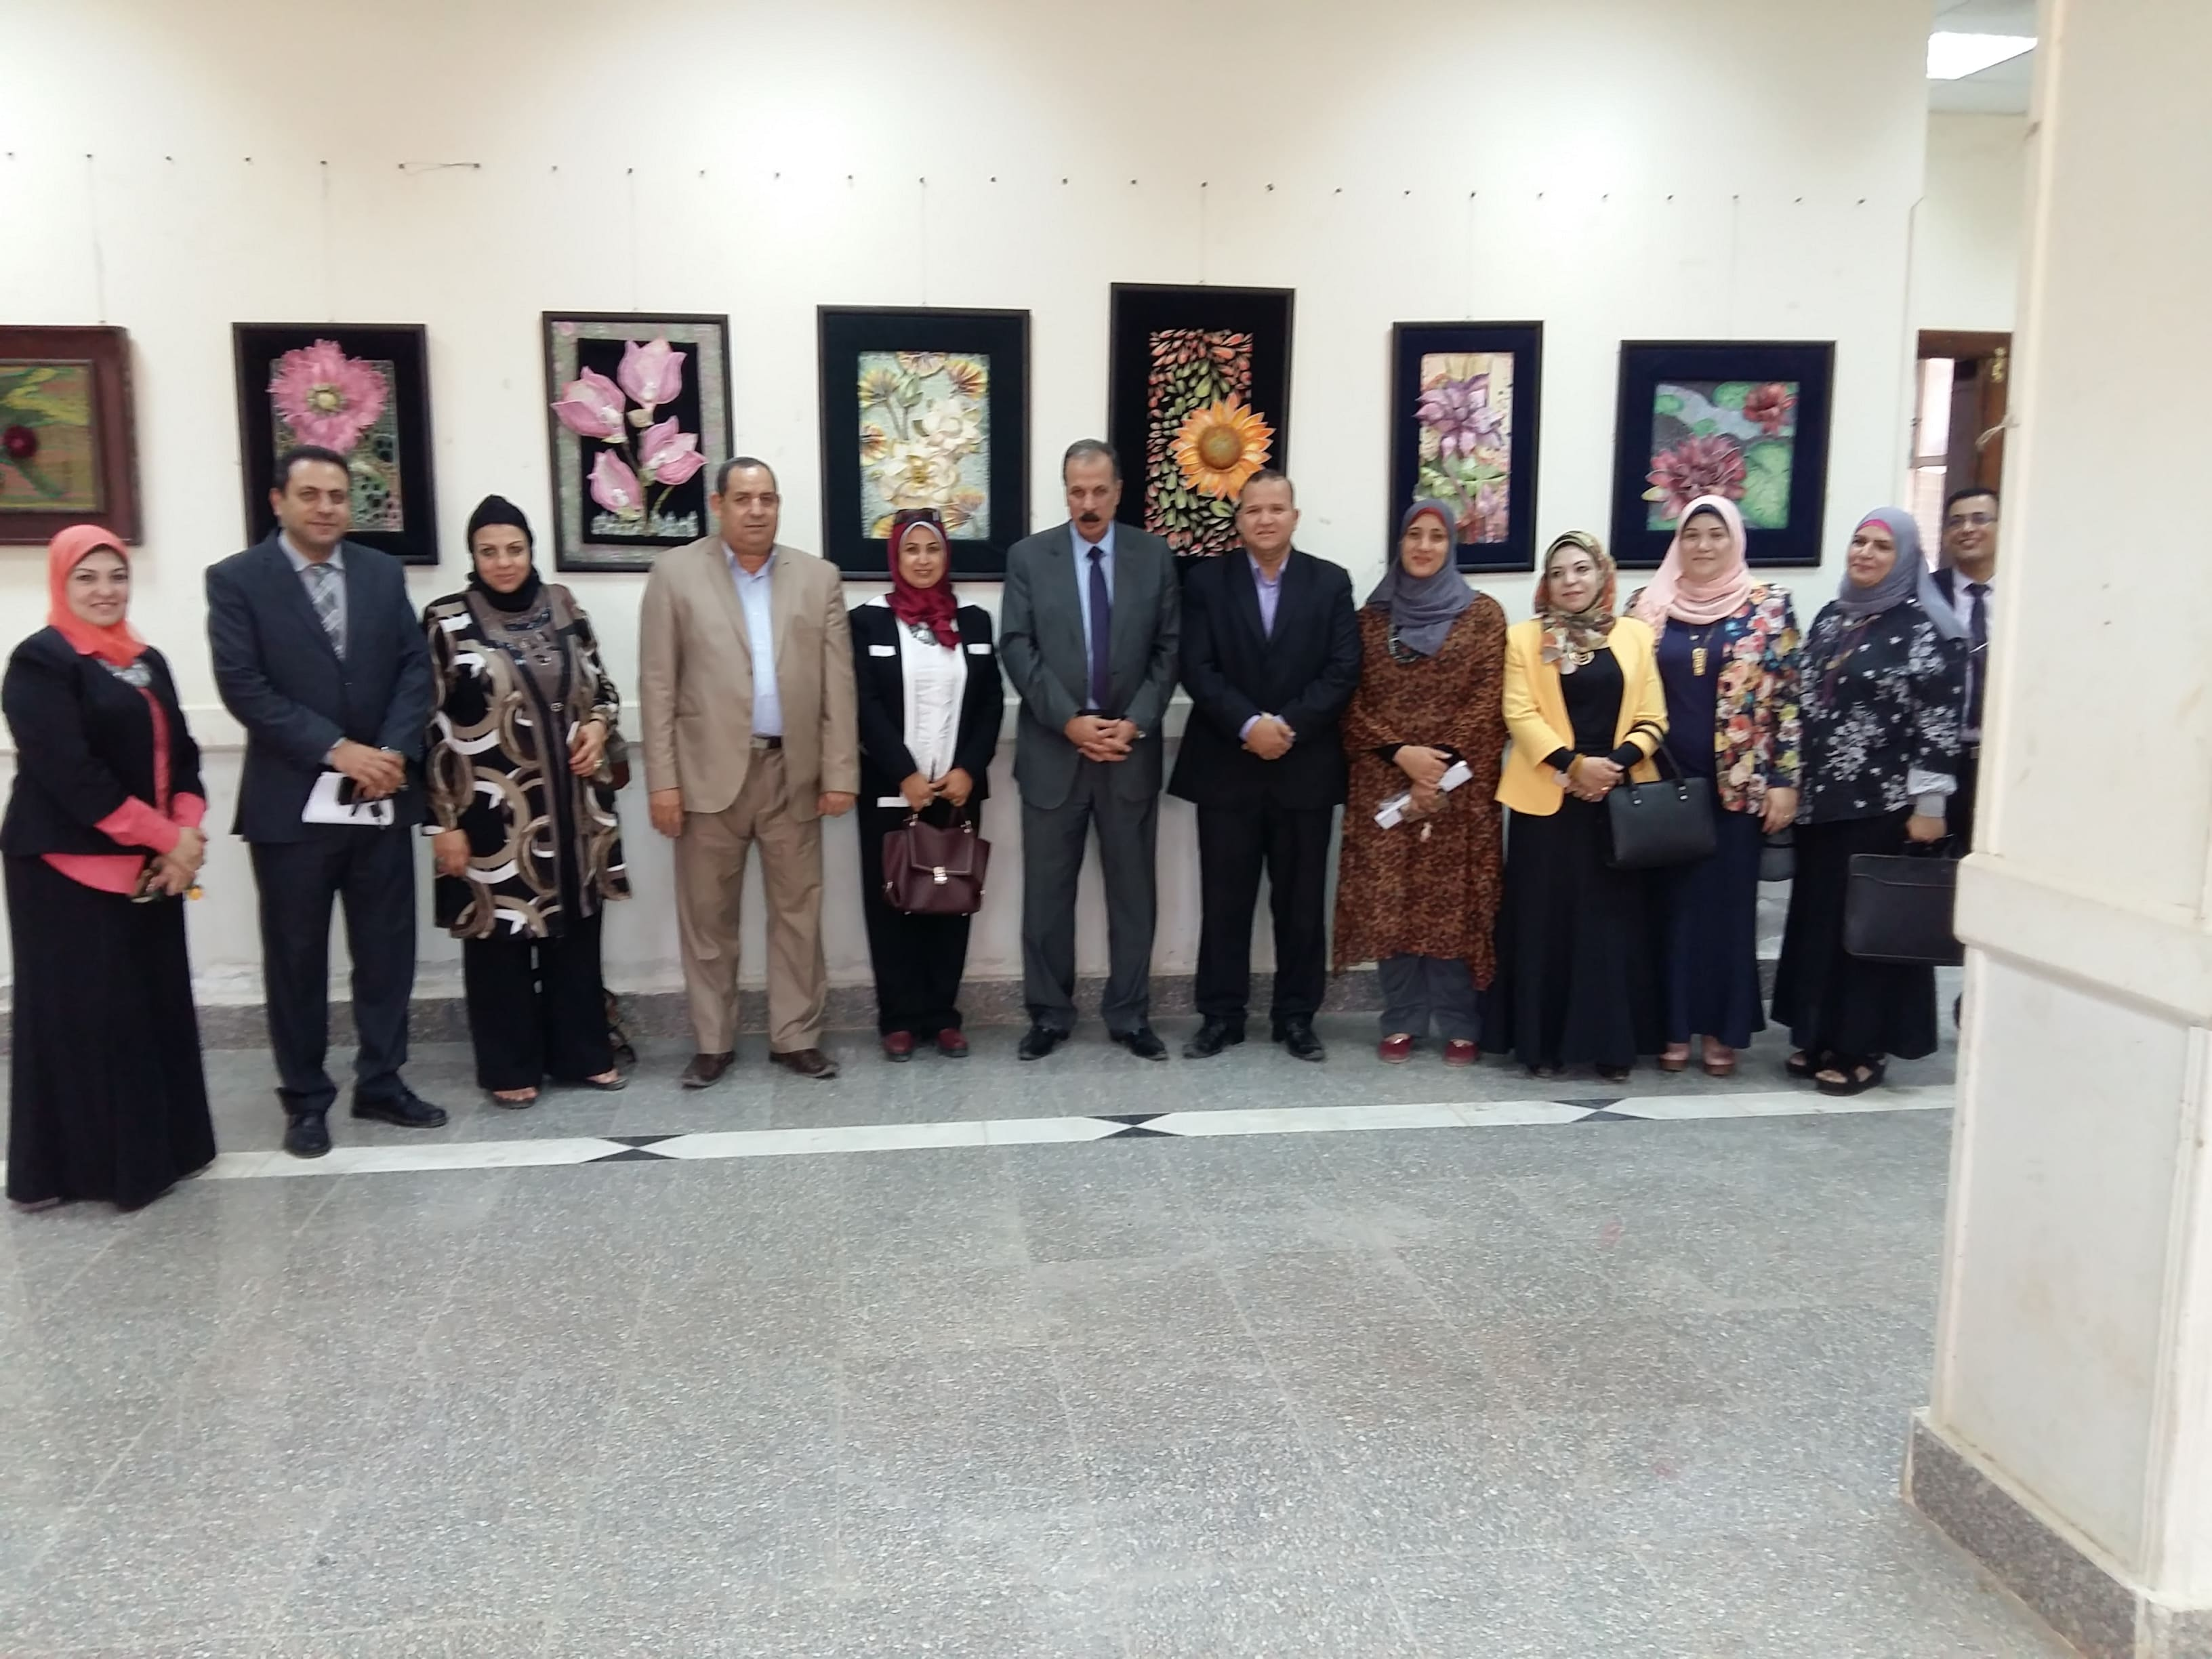 زيارة الأستاذ الدكتور / عبدالحكيم نور الدين نائب رئيس الجامعة لشئون التعليم والطلاب وحضور معرض أعضاء هيئة التدريس بقسم التربية الفنية